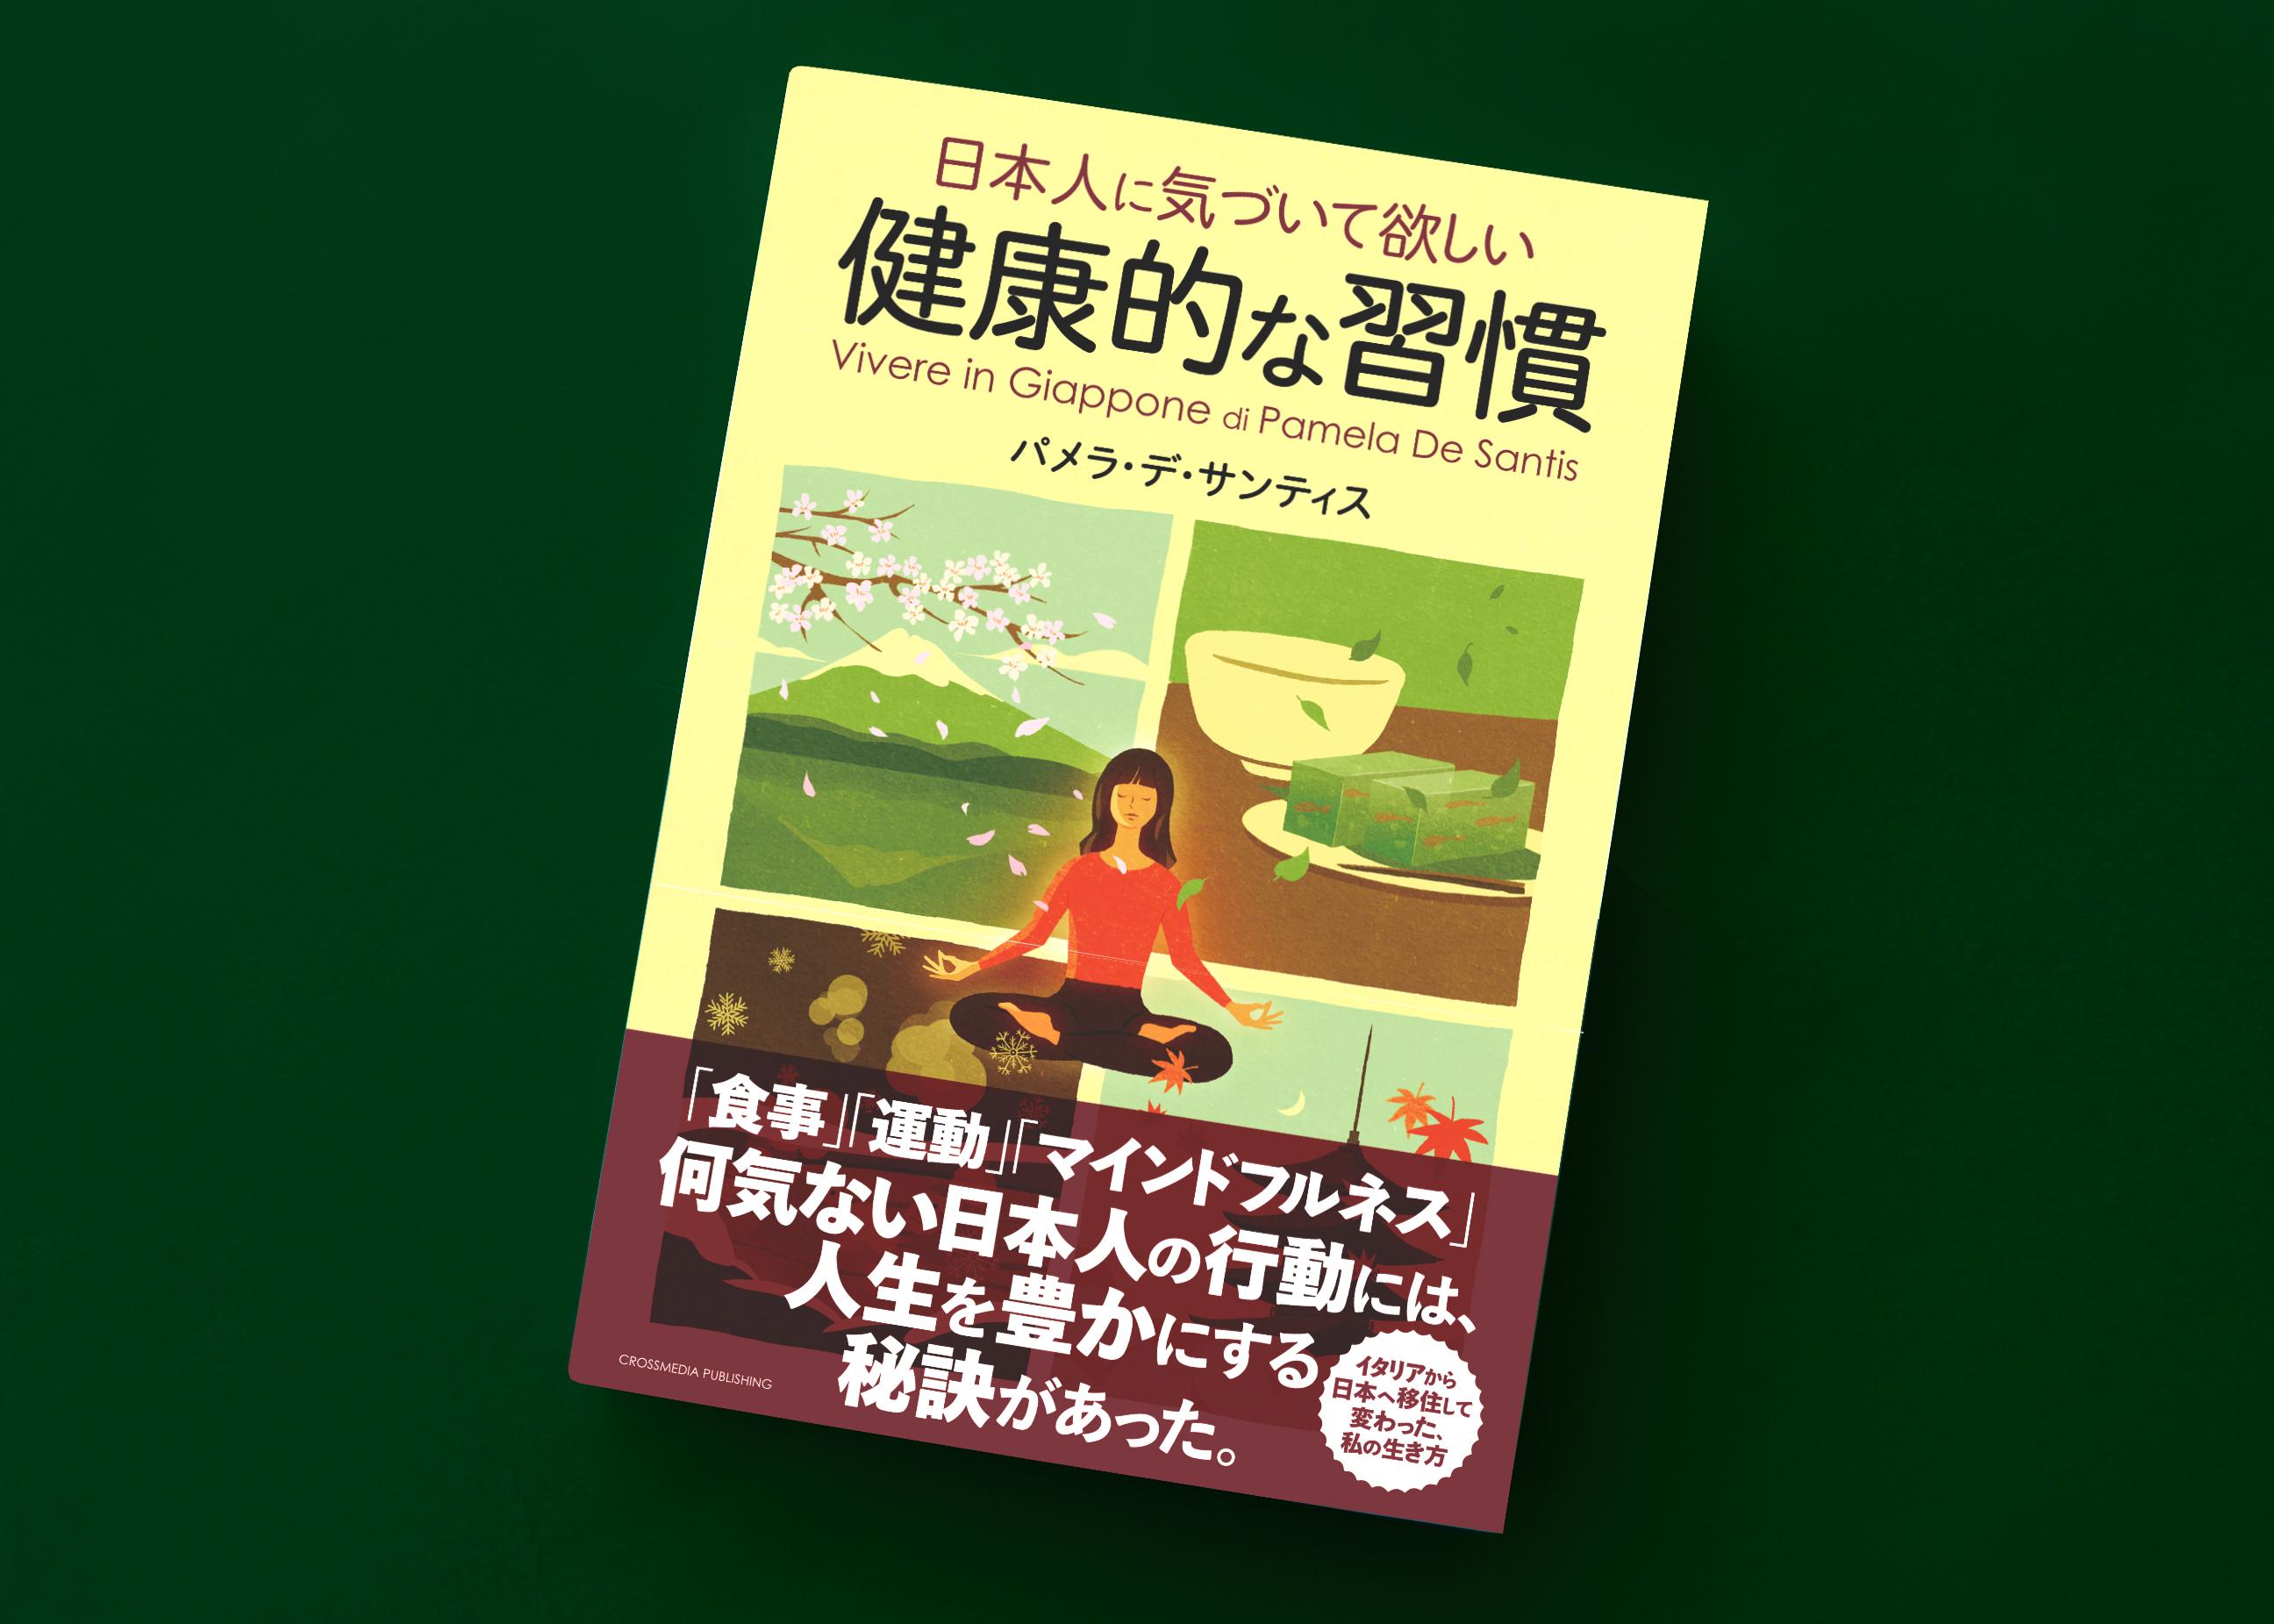 日本人に気づいて欲しい健康的な習慣